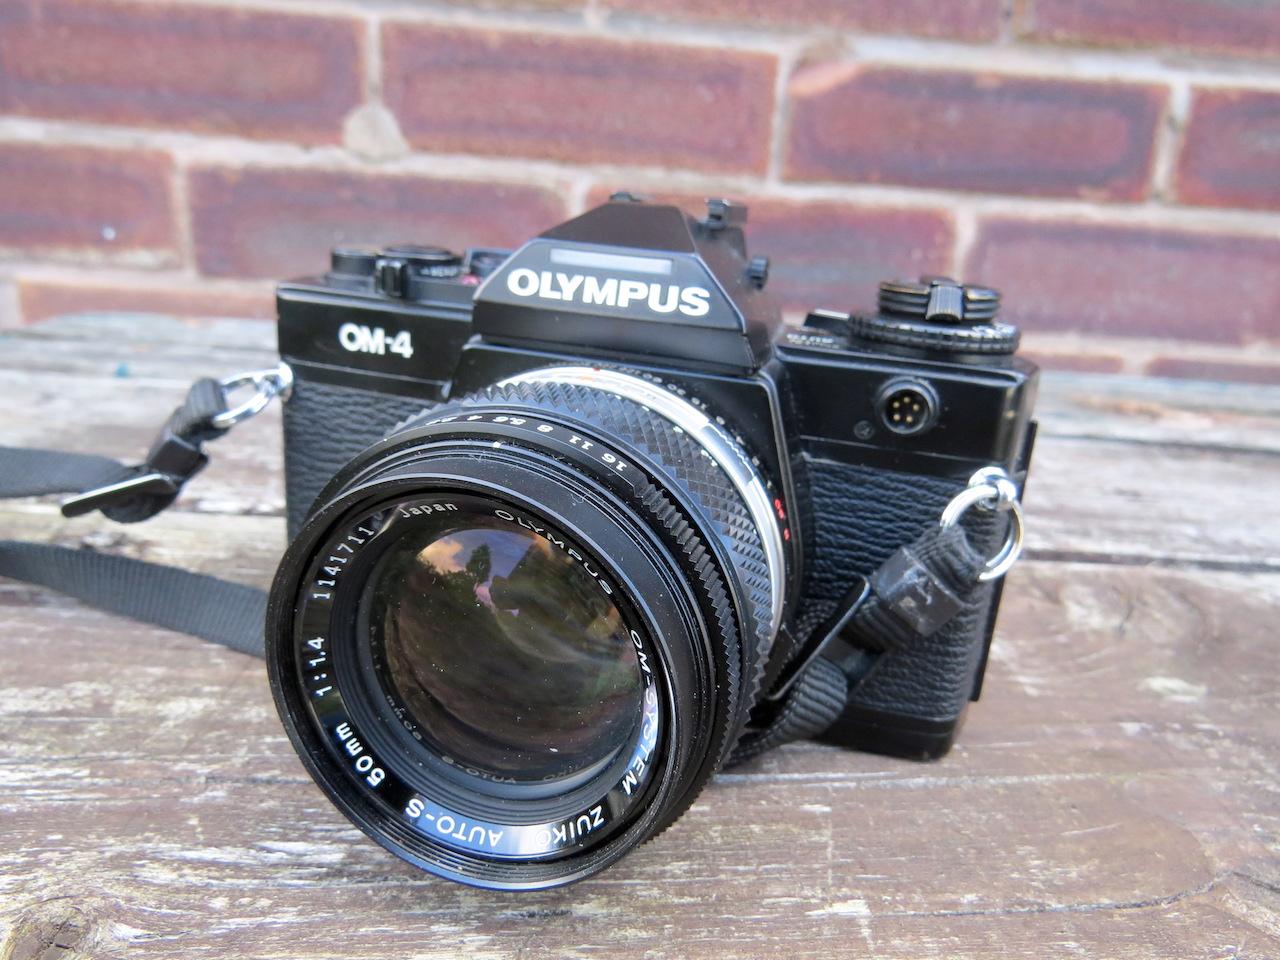 Olympus OM4